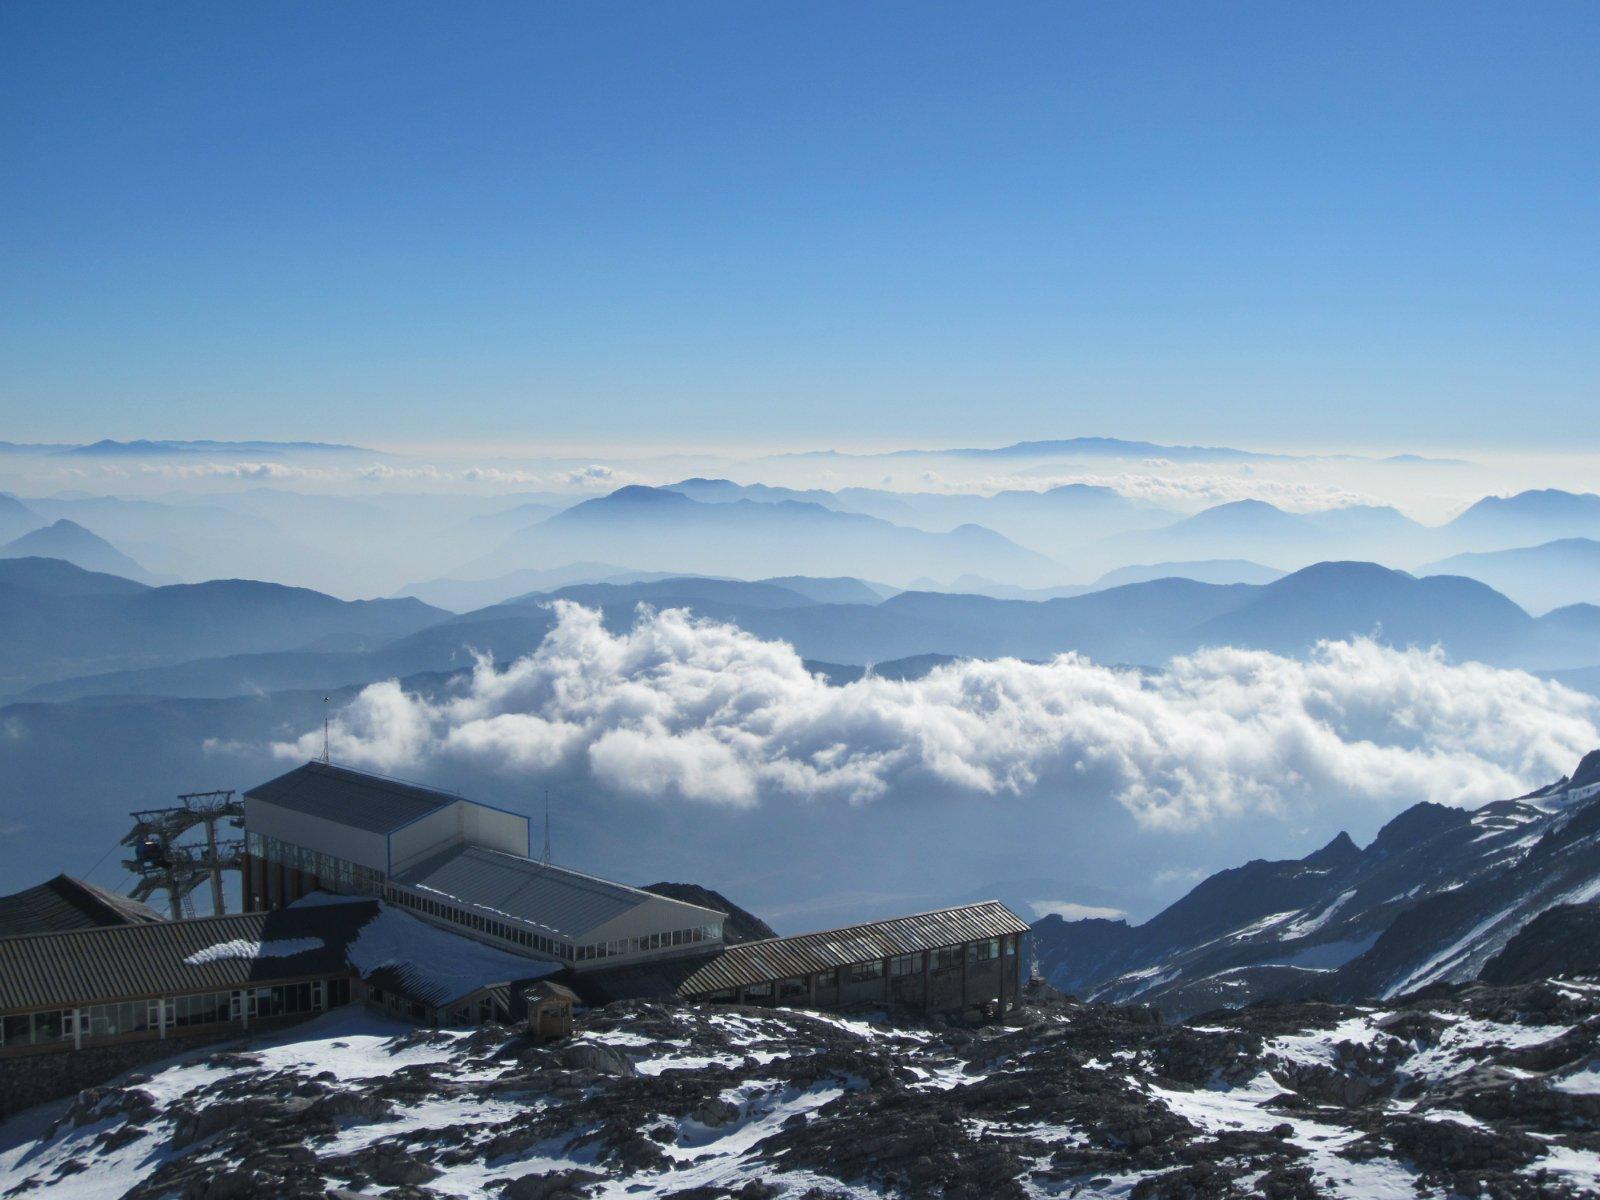 如果说彩云之南的丽江是连接天堂与人间最便捷的通道之一的话,那么玉龙雪山则是通道里的门关了。作为纳西族人民膜拜的雪山,视为一种神圣而不可侵犯、不可征服的神山。其实,这并非言过其实。倘若你到达玉龙雪山很远的位置看这座雪山,初步的感觉就是很美丽、很壮观。由于丽江的海拔很高、玉龙雪山很高很远,视角很广泛。所以从距离50公里之外的丽江古城都能够清晰的见到玉龙雪山的倩影。如果是第一次看到高原雪山的话,肯定会激动、兴奋而狂热的去向雪山方向奔跑,并到达雪山零距离的山脚下感受一下玉龙雪山的壮观美景。实际上,通过山野君亲身的